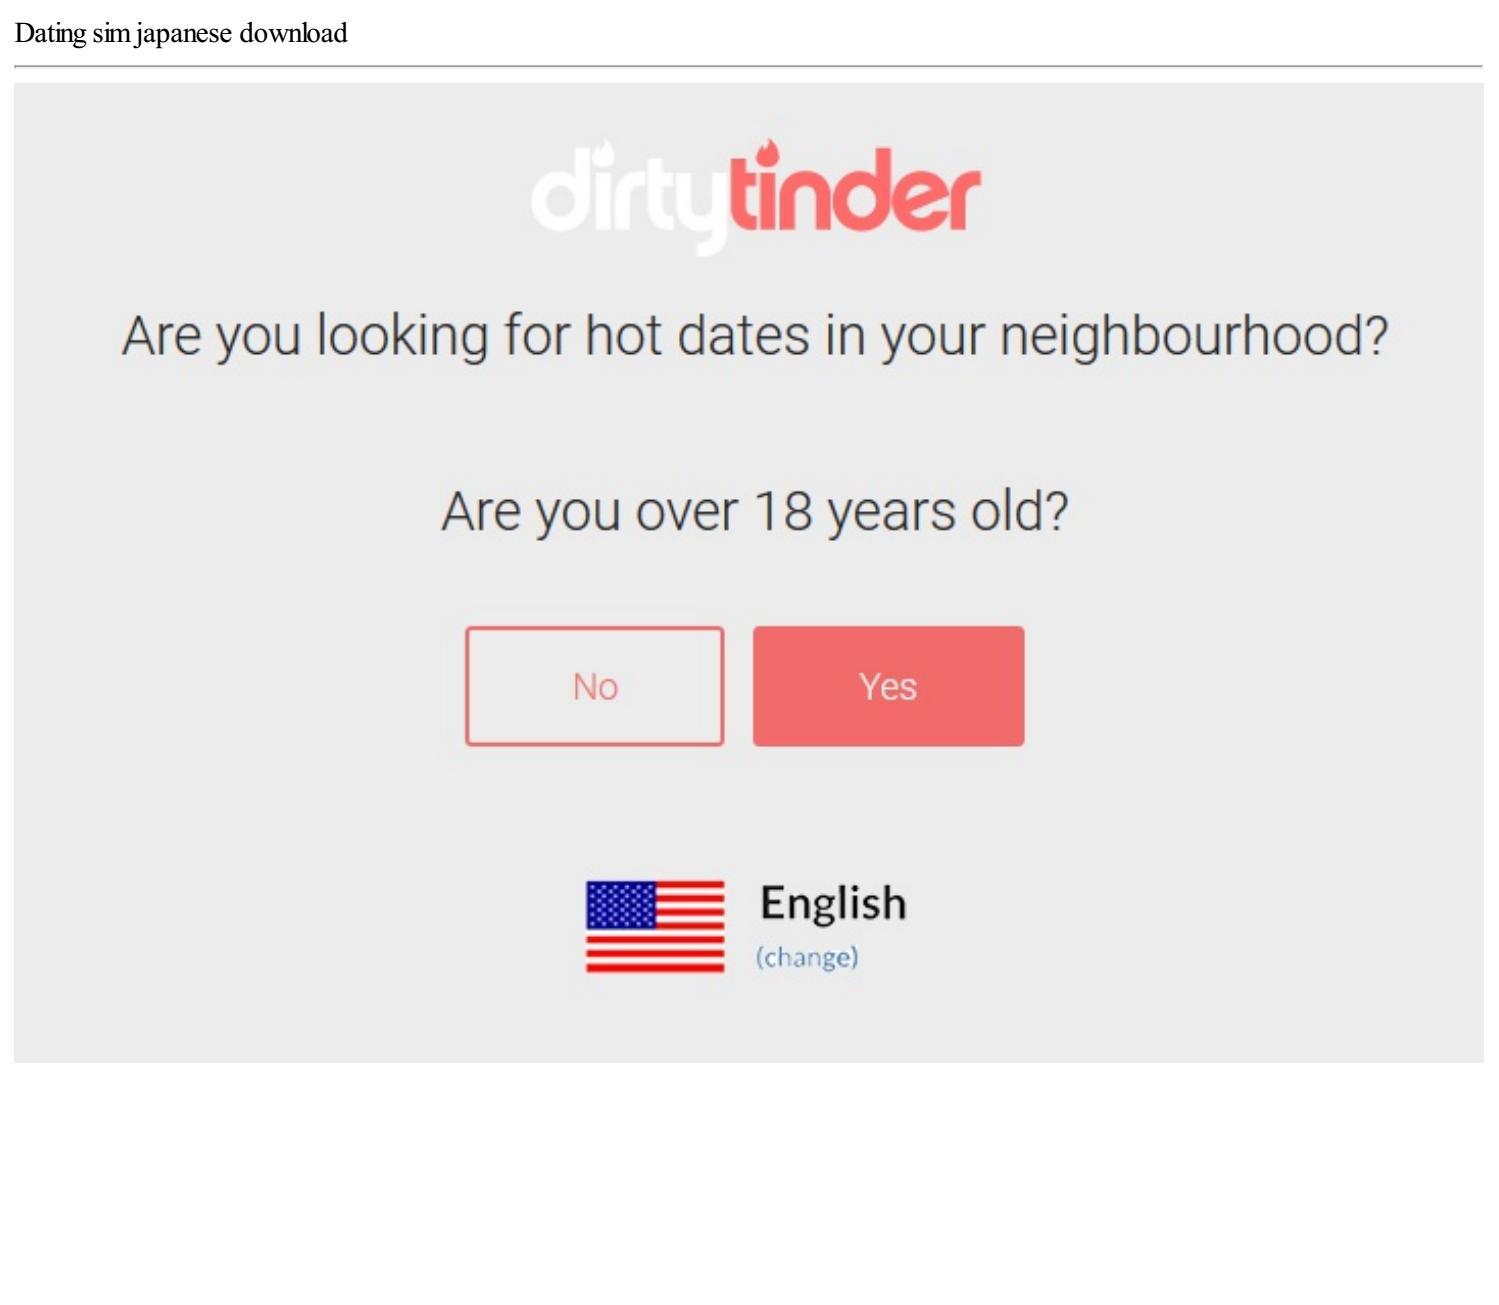 populära dating Sims JapanDejting Bollywood